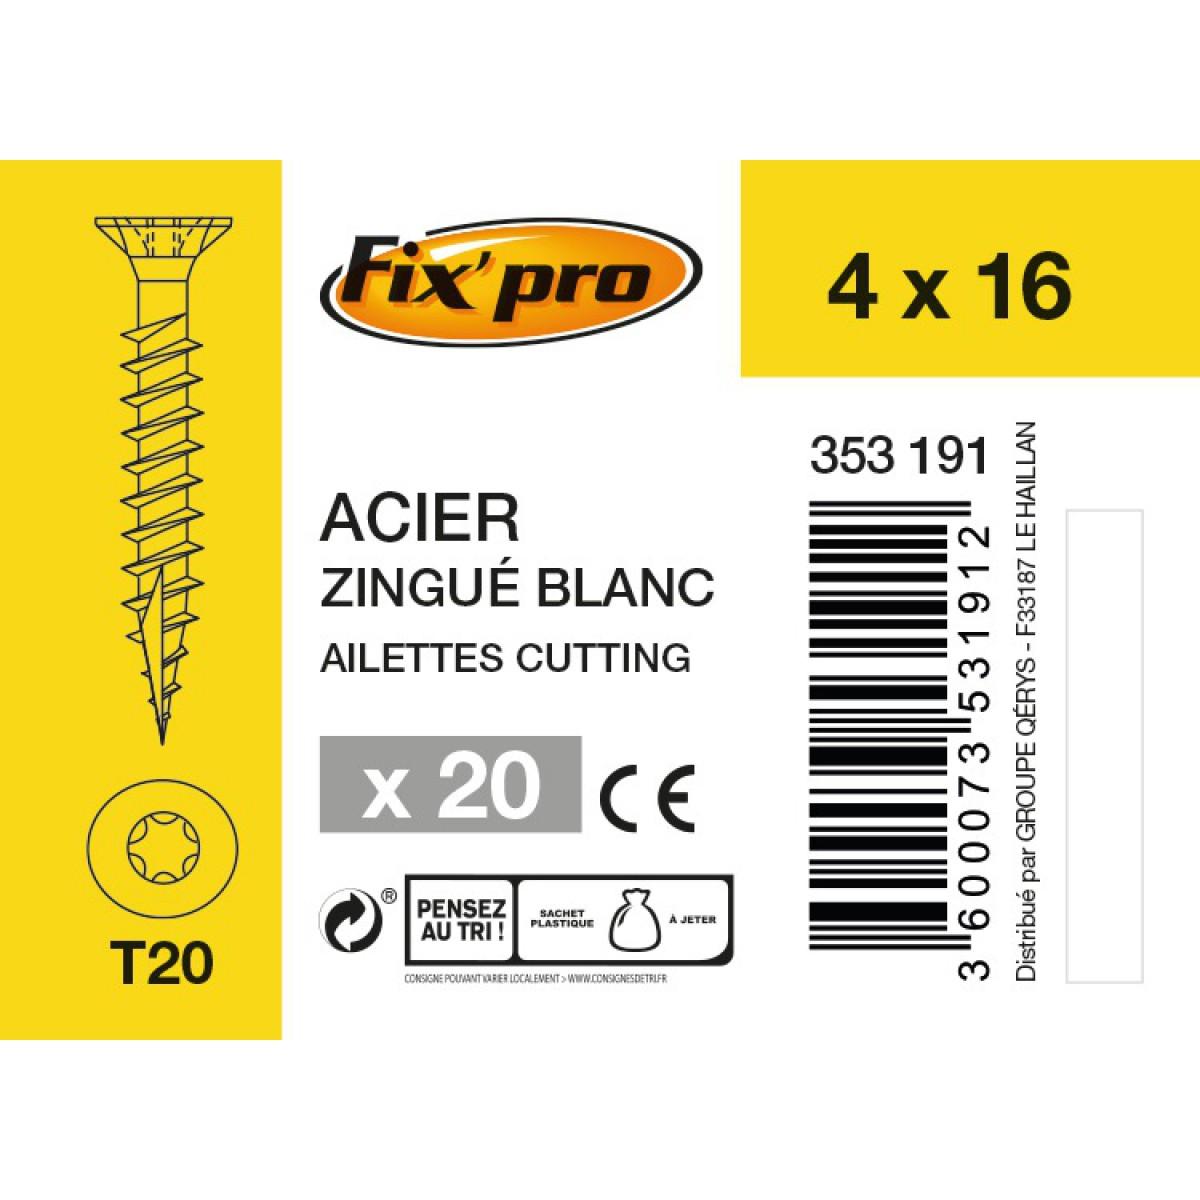 Vis à bois tête fraisée TX - 4x16 - 20pces - Fixpro